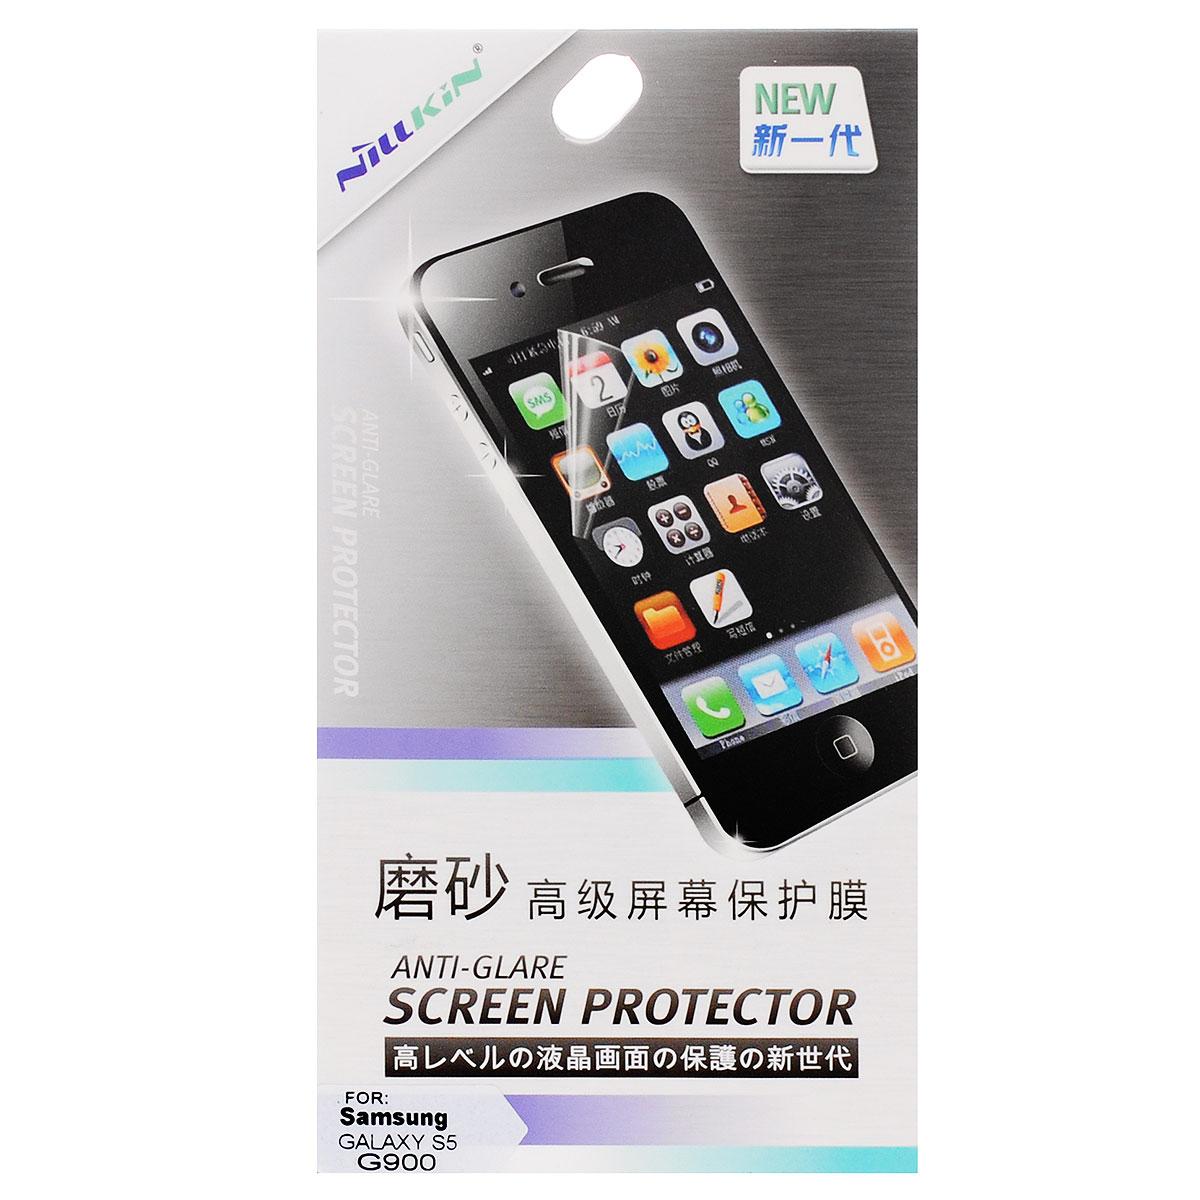 Nillkin Screen Protector защитная пленка для Samsung Galaxy S5, матоваяSP-044Защитная пленка Nillkin Screen Protector для Samsung Galaxy S5 сохраняет экран гладким и предотвращает появление на нем царапин и потертостей. Структура пленки позволяет ей плотно удерживаться без помощи клеевых составов. Пленка практически незаметна на экране устройства и сохраняет все характеристики цветопередачи и чувствительности сенсора.